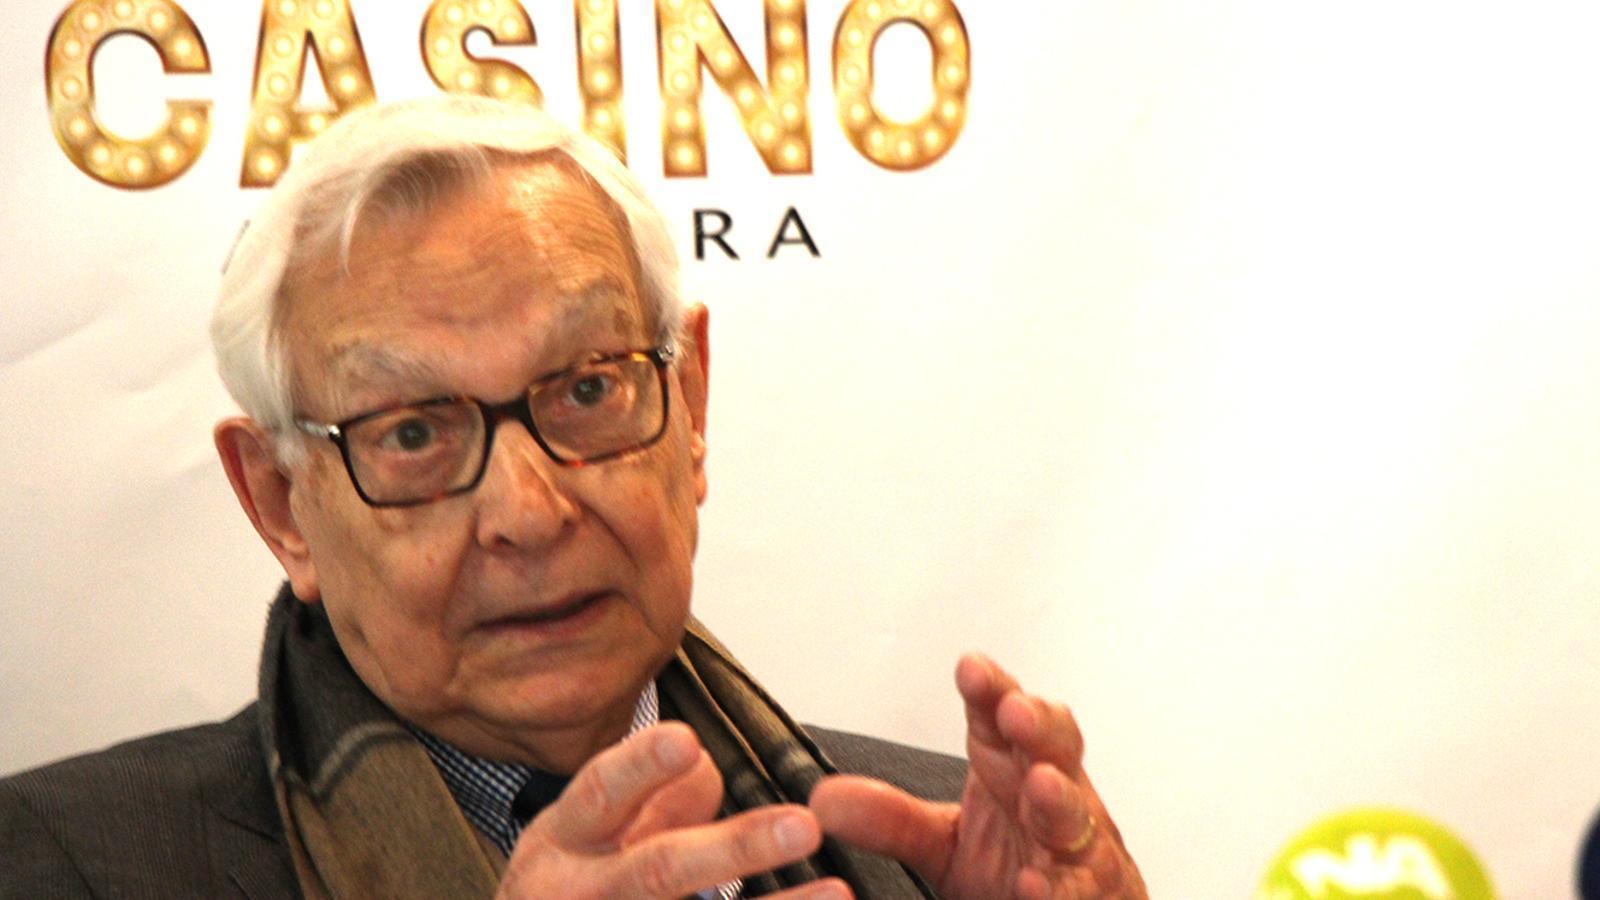 El president de PVG Casino, Francesc Larroca, durant la presentació del projecte. / B. N.